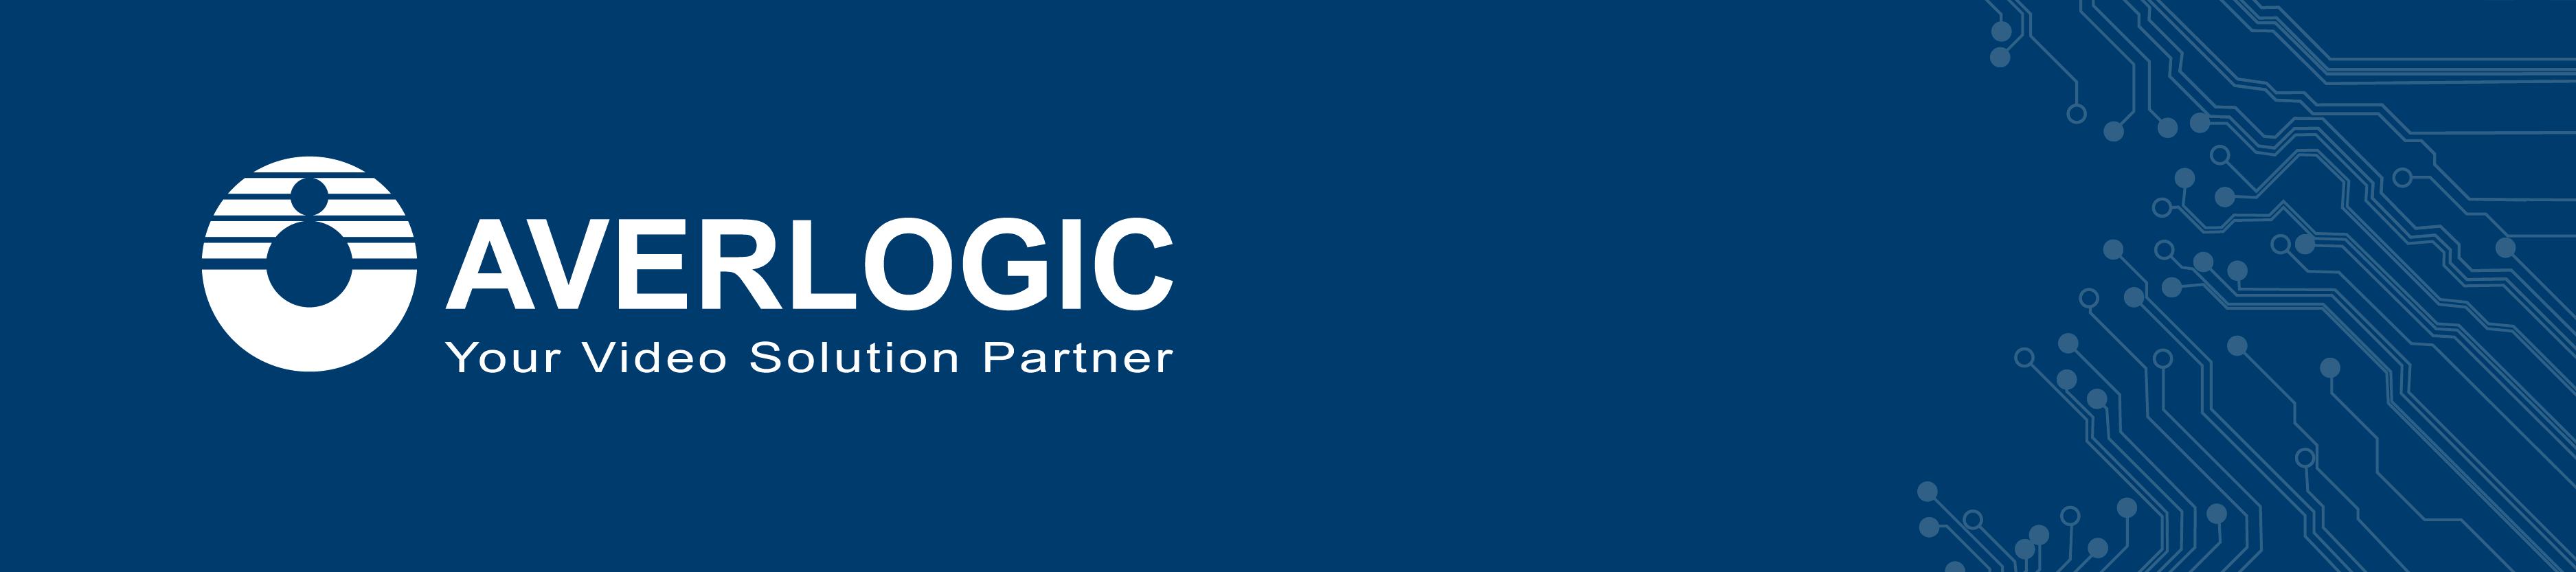 Averlogic Your Video Solution Partner